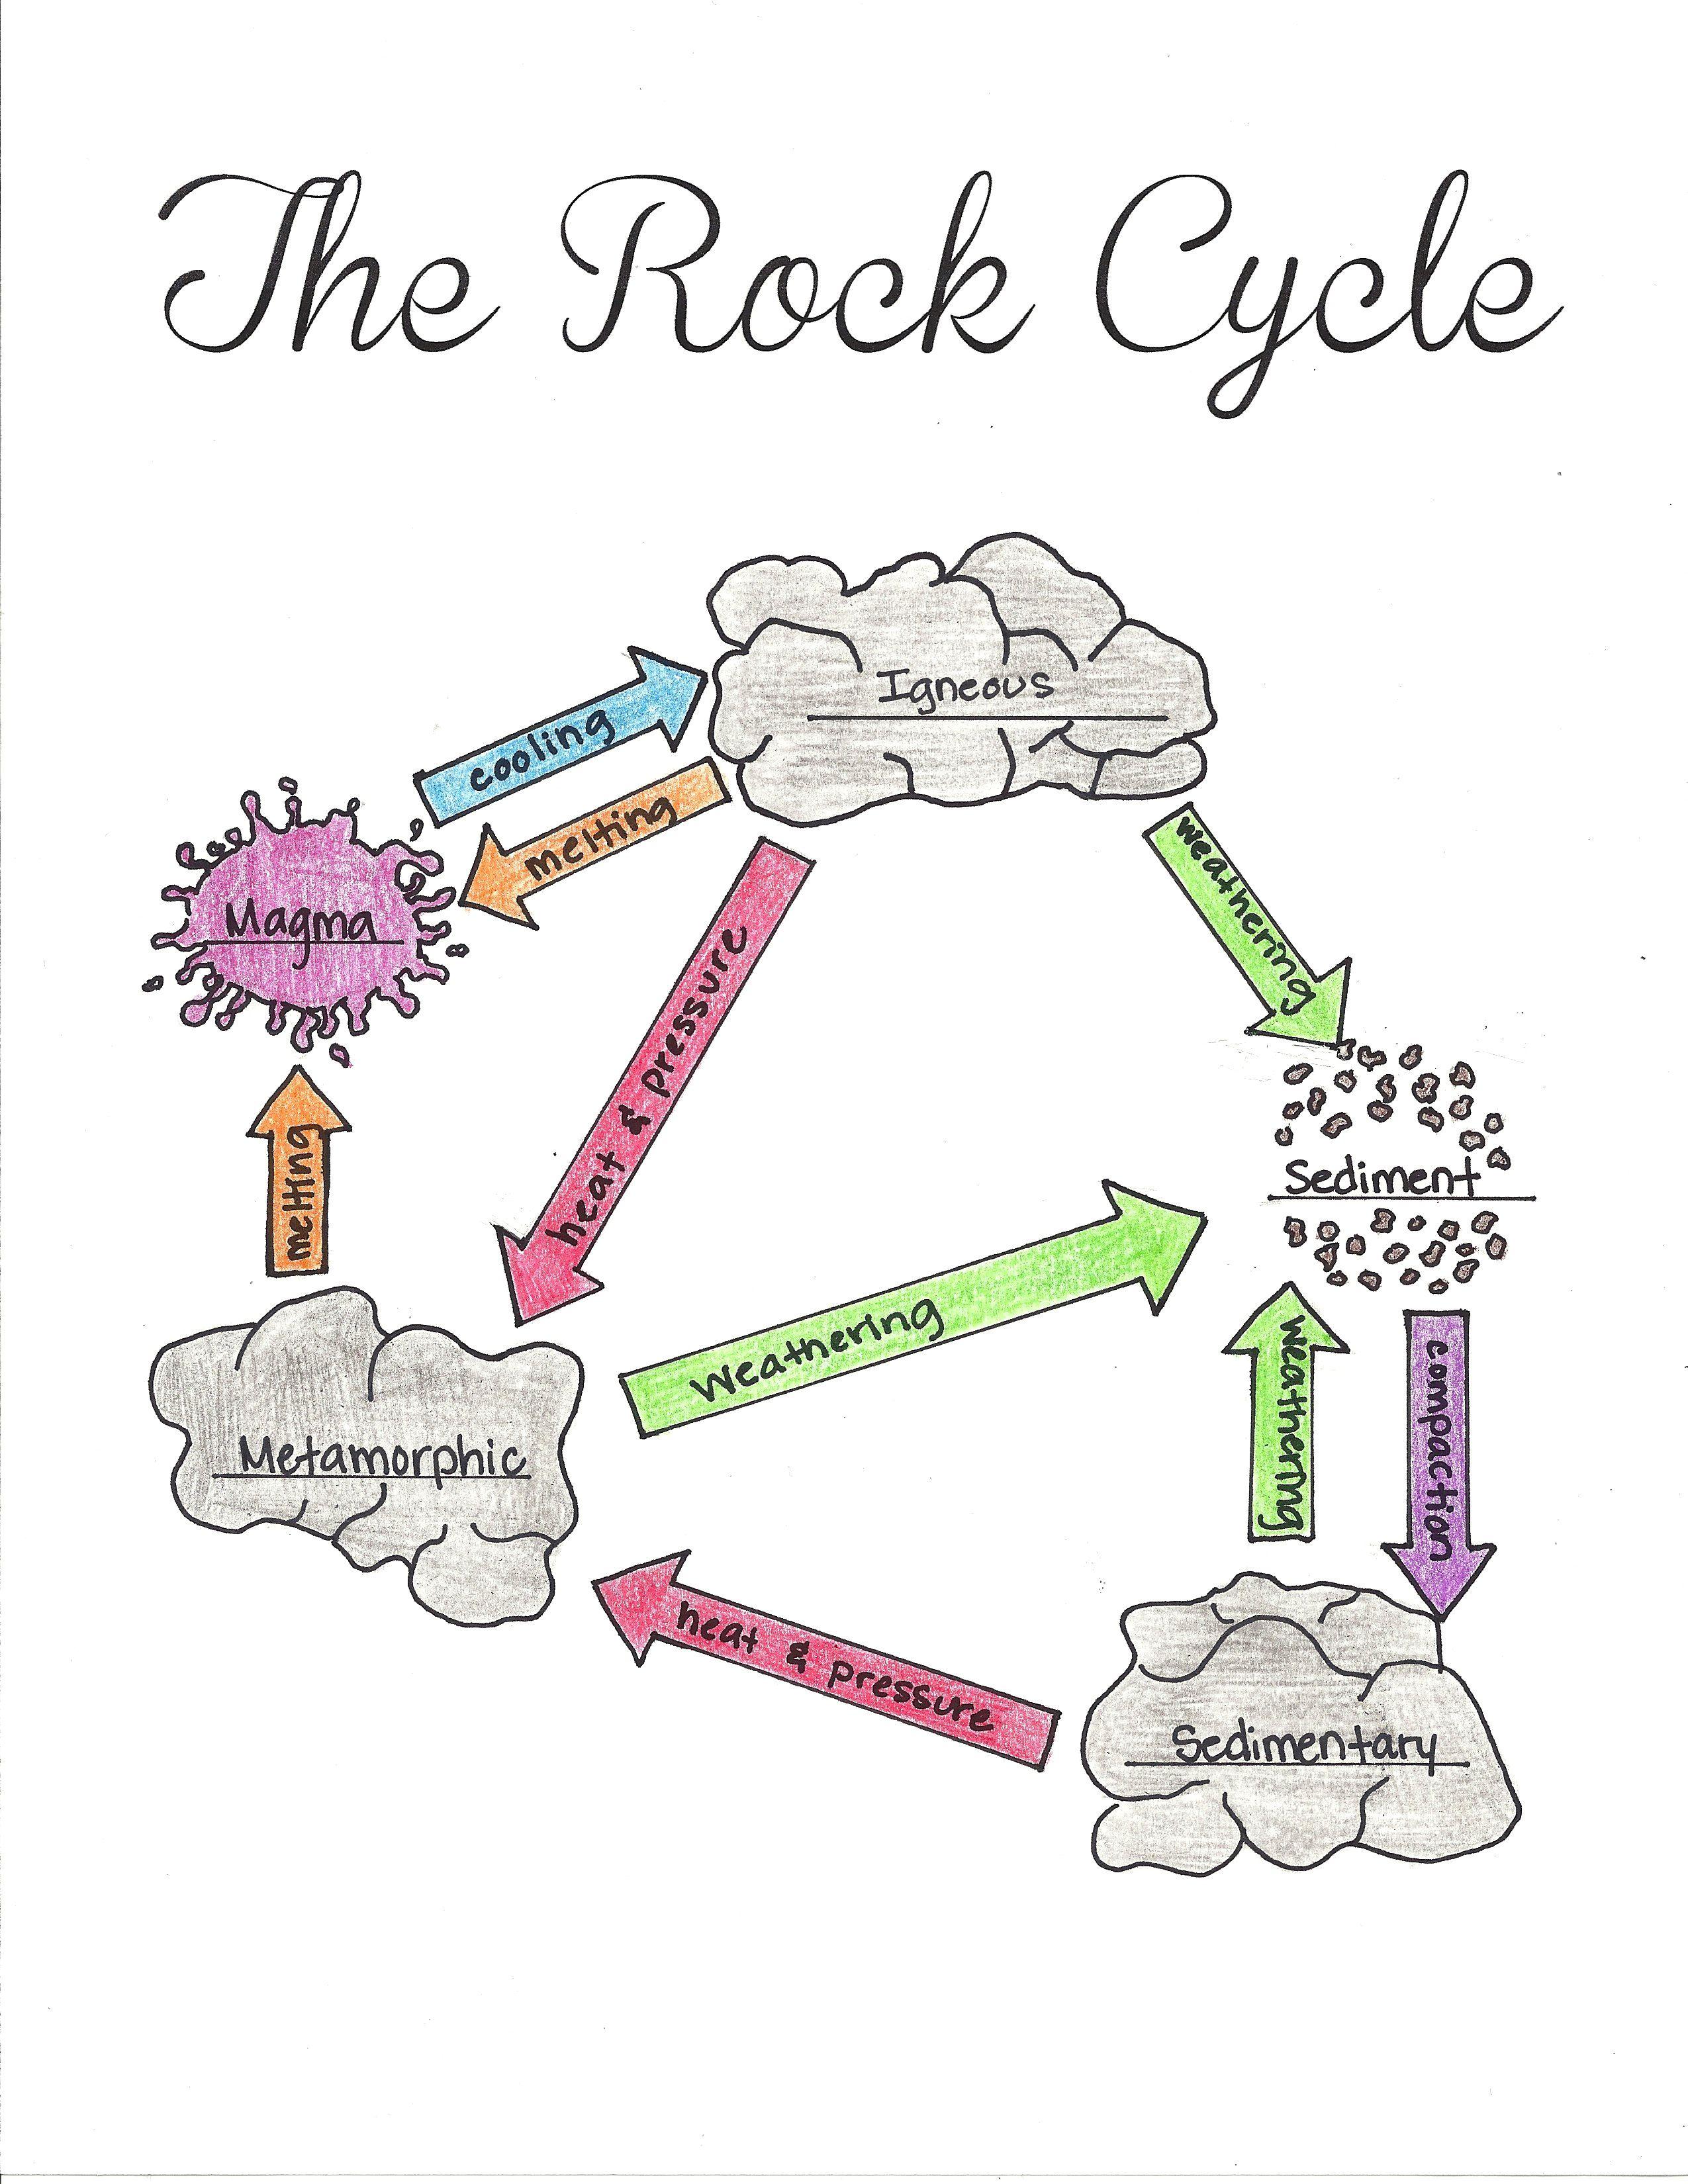 Rock Cycle Drawing At Getdrawings